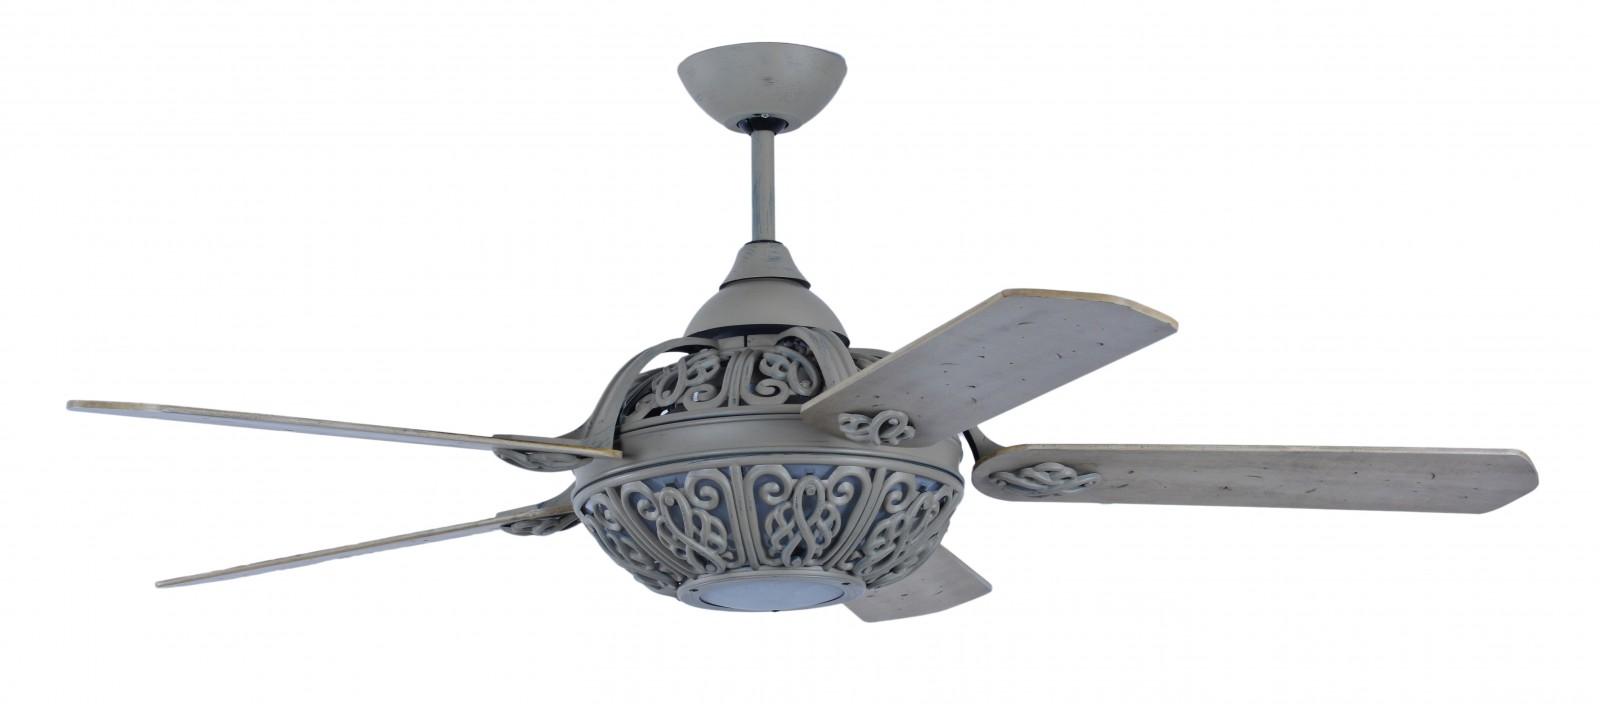 Ventilatori Soffitto Design Prezzi: Faretti cubo soffitto prezzi bega comprare lampade di design ...